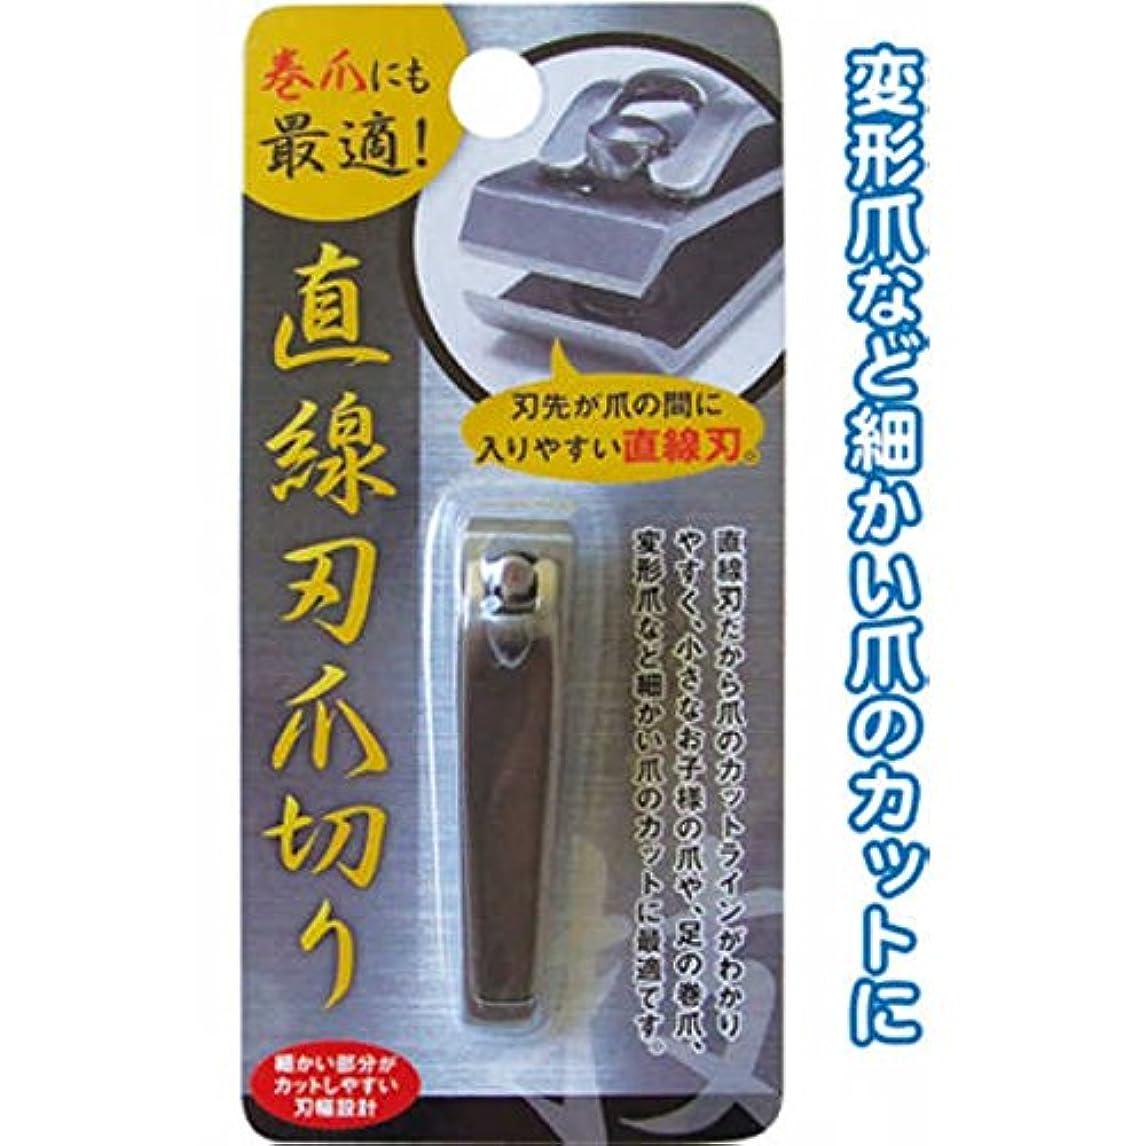 意識的ジュラシックパーク平手打ち巻爪にも最適!直線刃ステンレス爪切り 【まとめ買い12個セット】 18-601